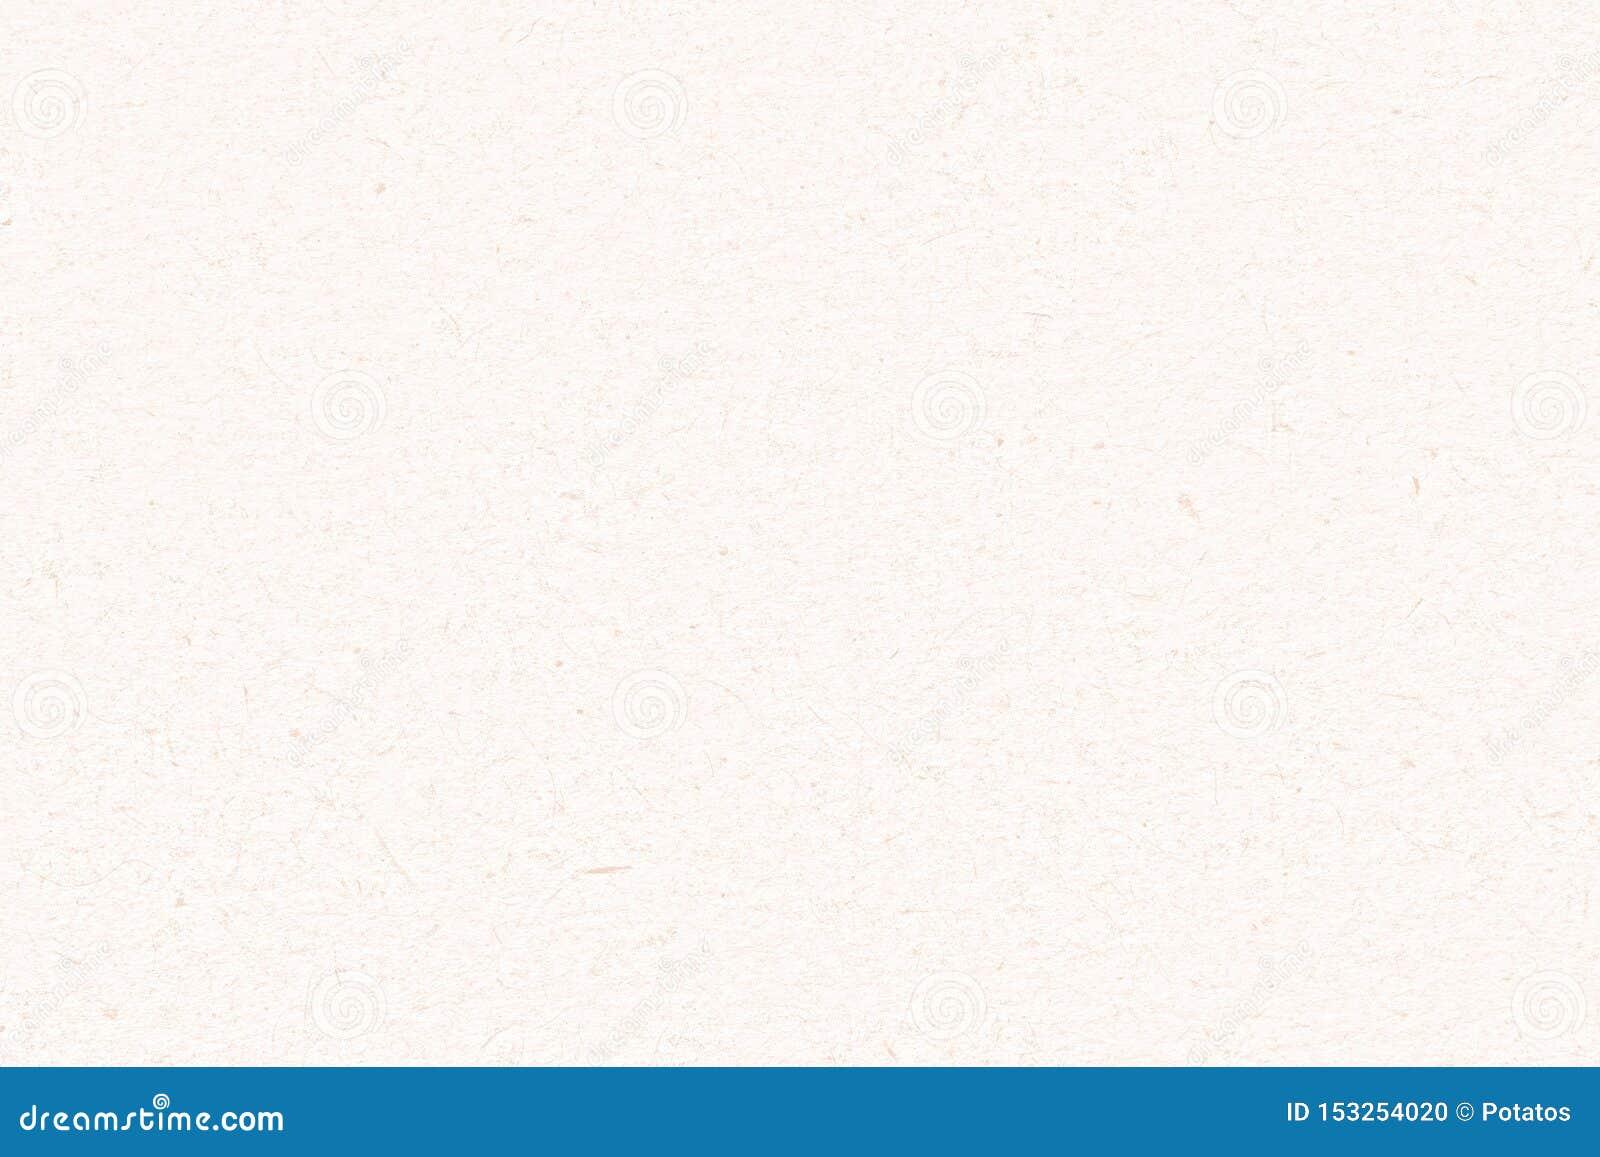 Aufbereitete Weißbuchbeschaffenheit Heller Kraftpapierabschluß herauf Hintergrund